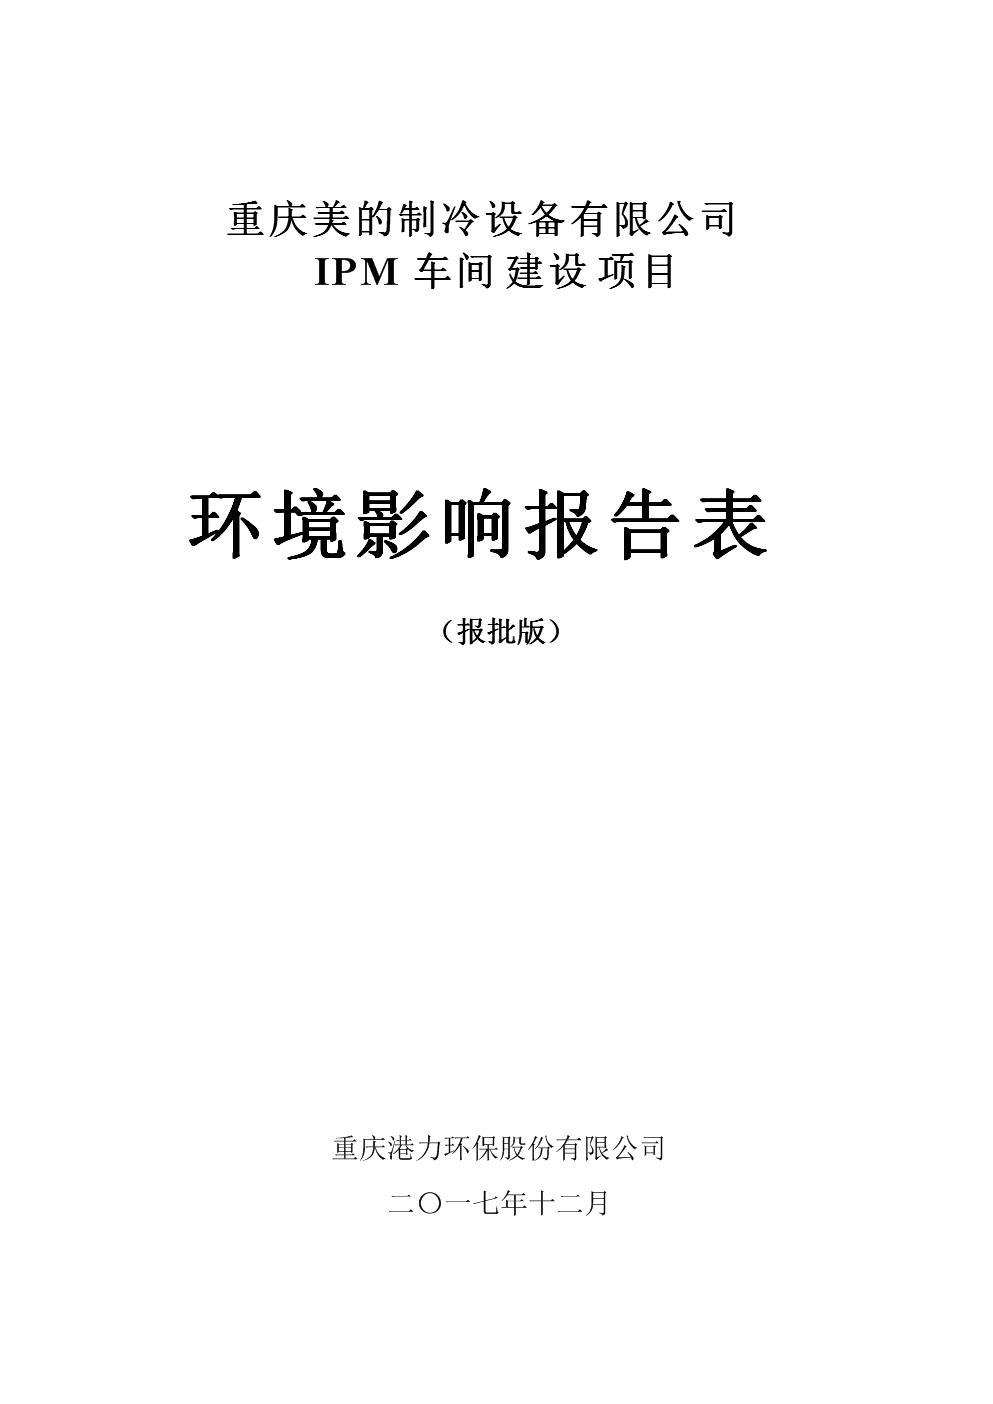 重庆美的制冷设备有限公司IPM车间建设项目环境影响报告表.doc